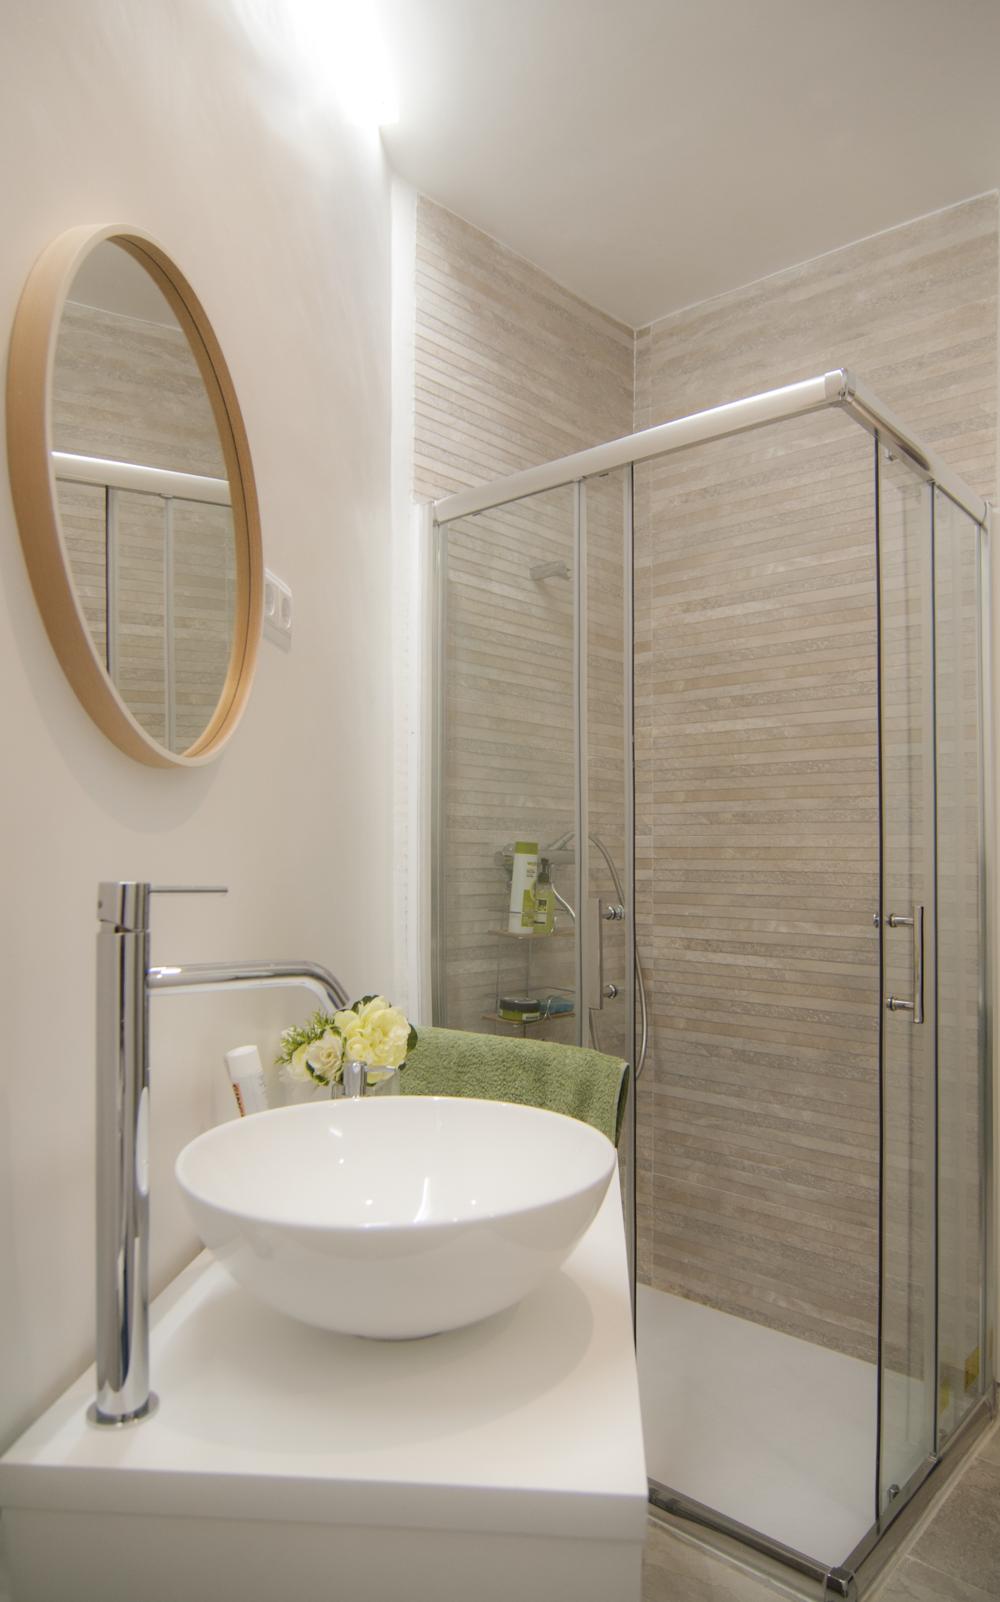 emmme studio_el nuevo baño de m y lola - lavabo y ducha.png